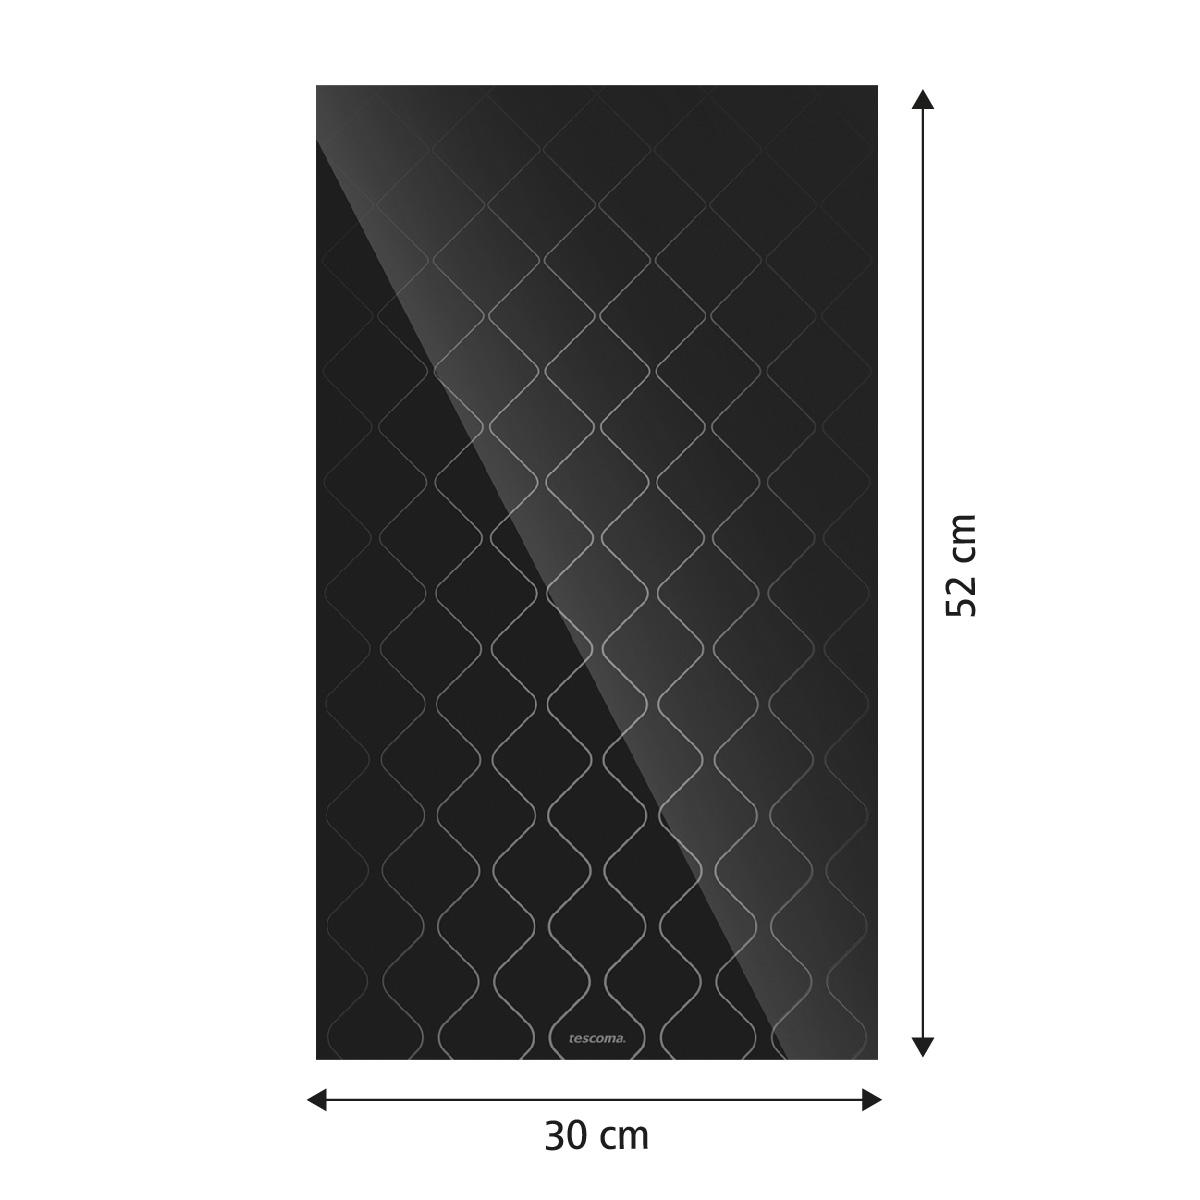 Skleněná odkládací deska na sporák ONLINE 30 x 52 cm, vlnky